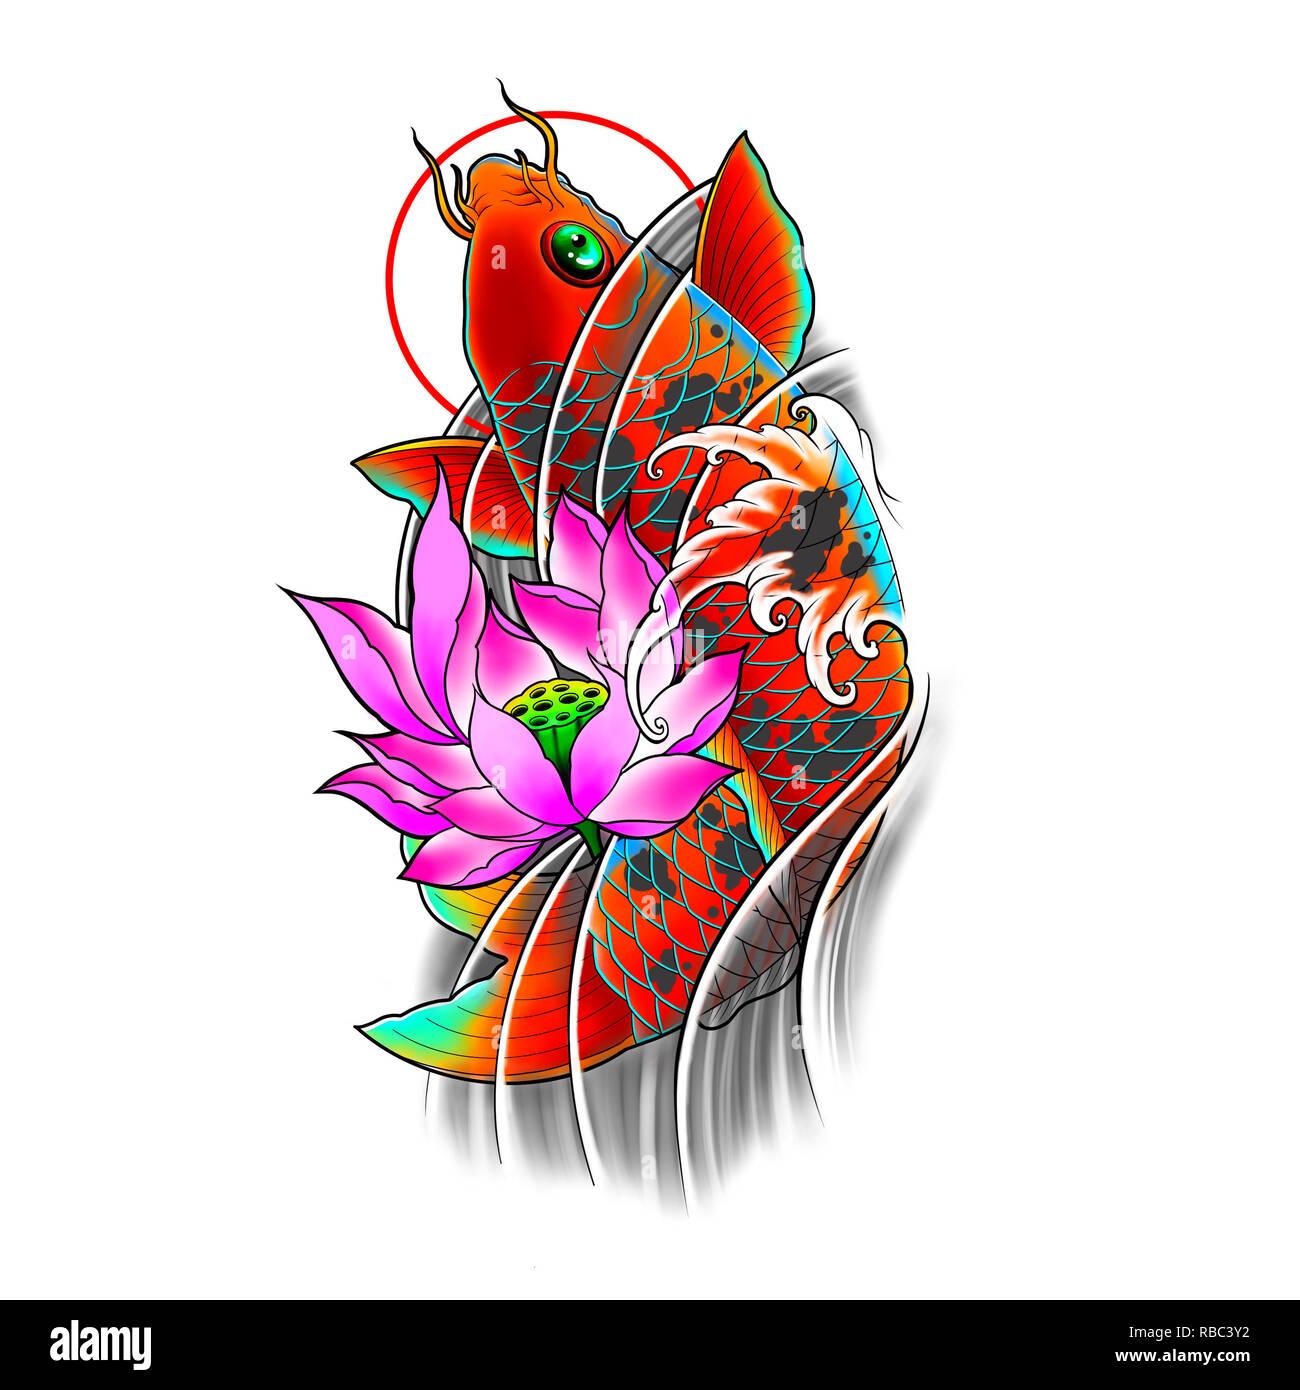 Disegnato A Mano I Pesci Koi Con Fiori Di Loto E Acqua Wave